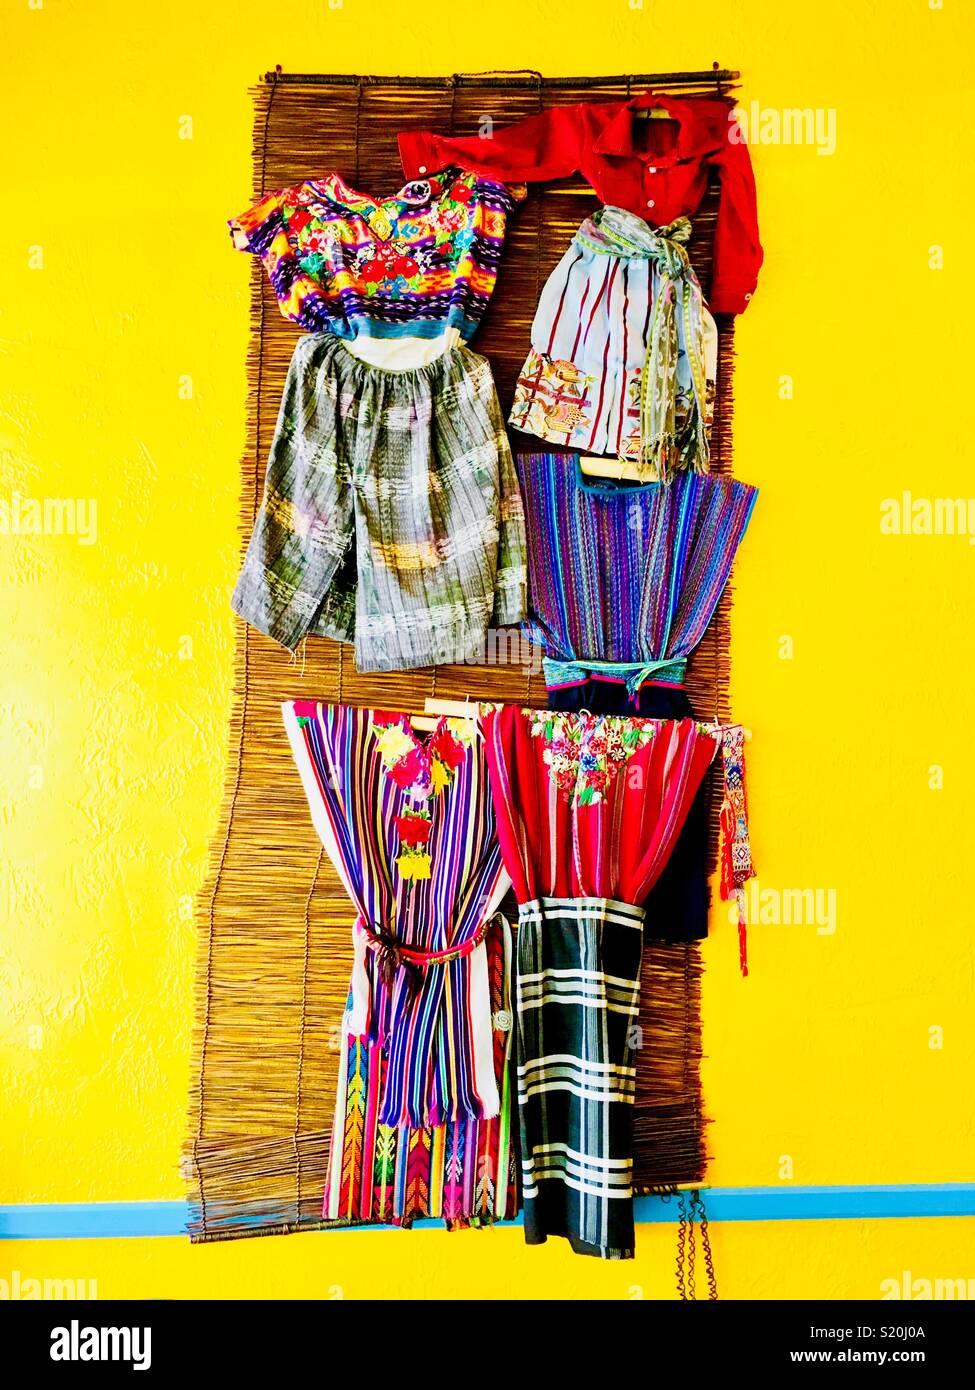 Mexican Decor Stock Photos & Mexican Decor Stock Images - Alamy